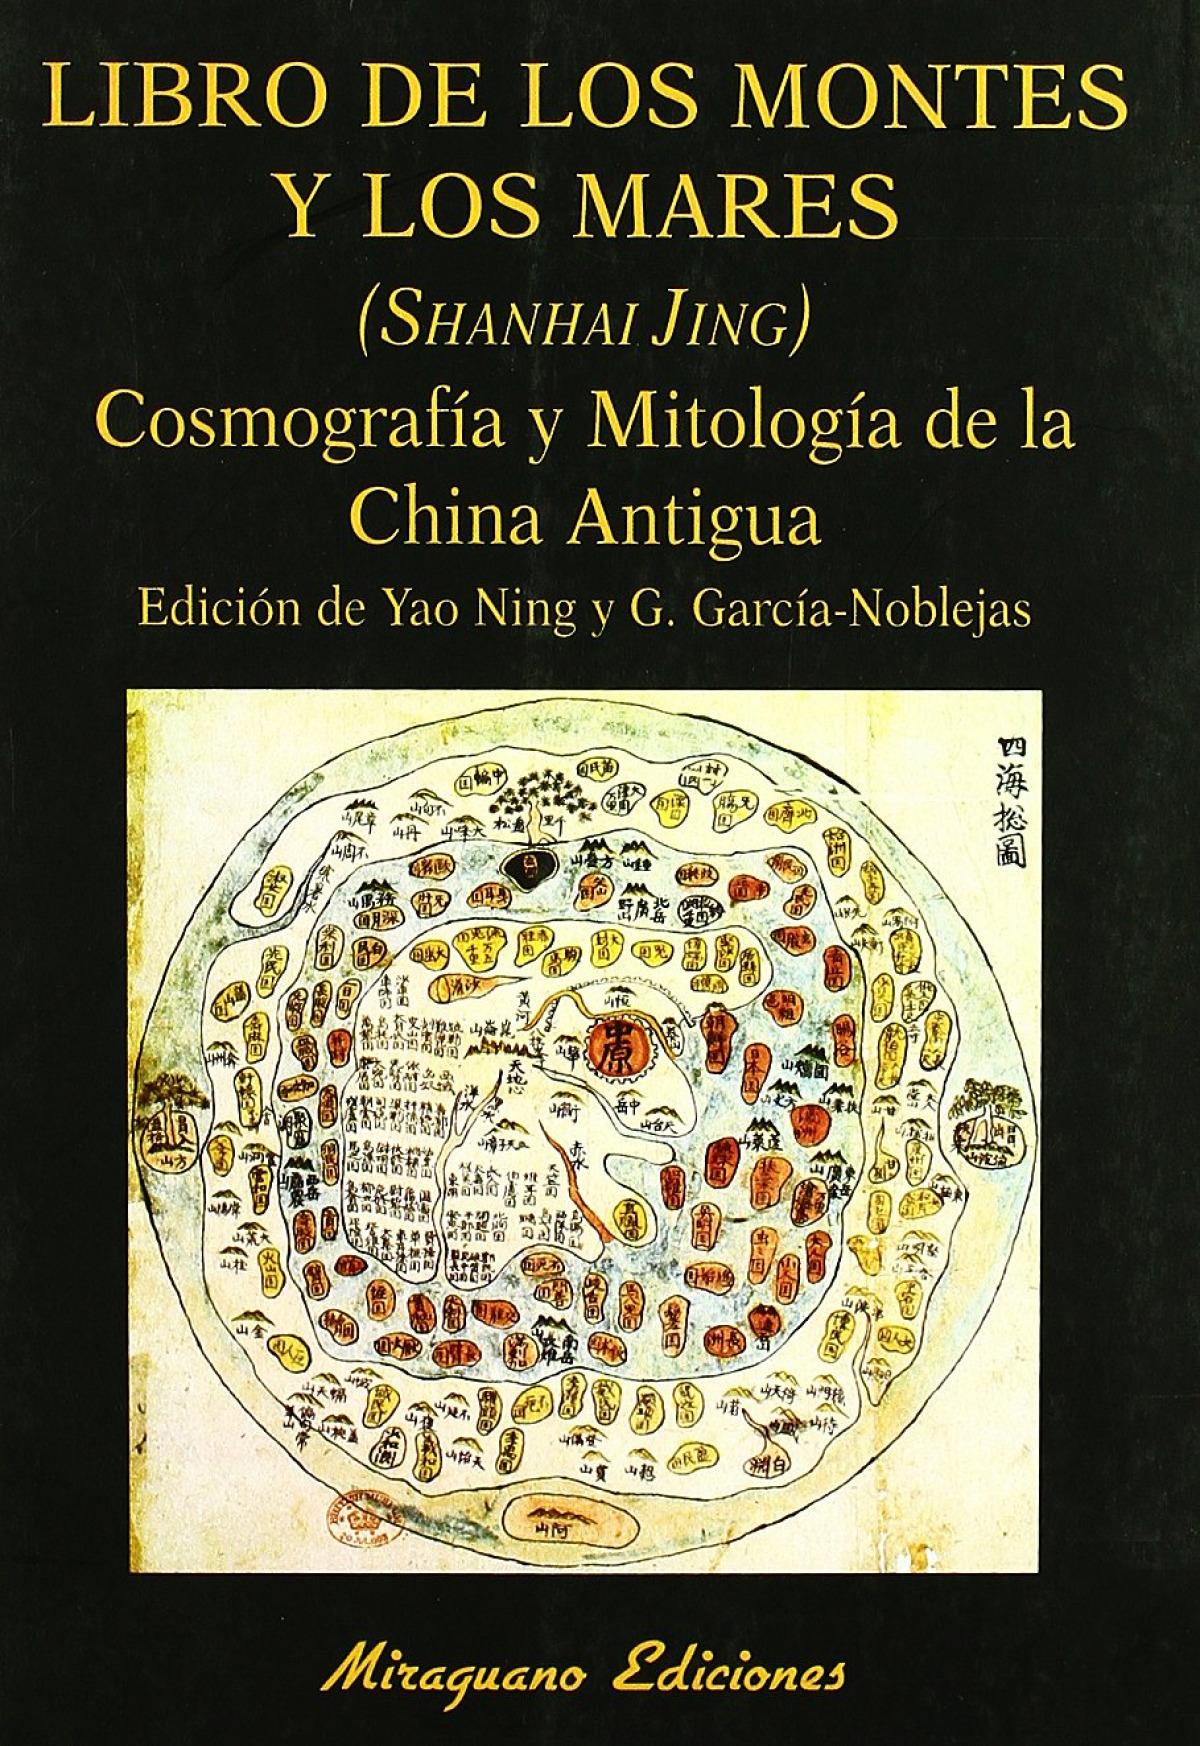 Libro de los Montes y los Mares. (Shanhai Jing). Cosmograf¡a y Mitolog¡a de la China Antigua 9788478